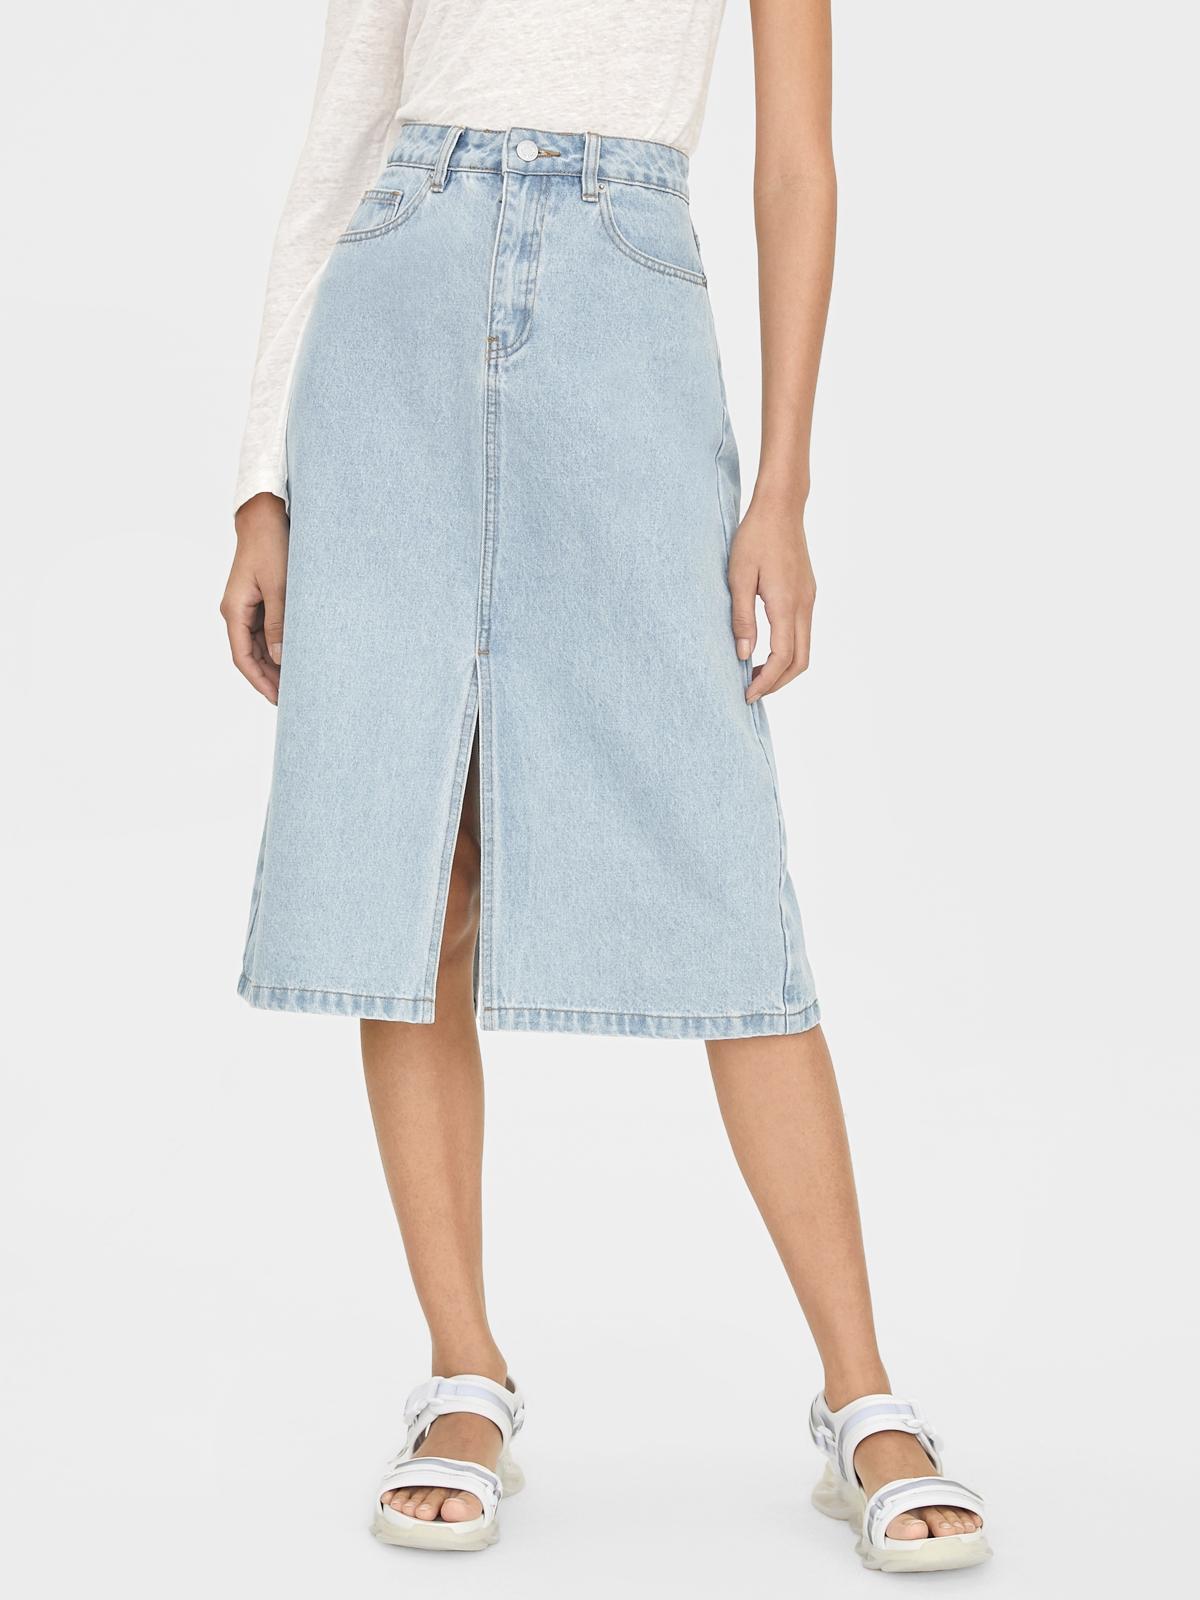 Indigo Front And Back Slit Skirt White